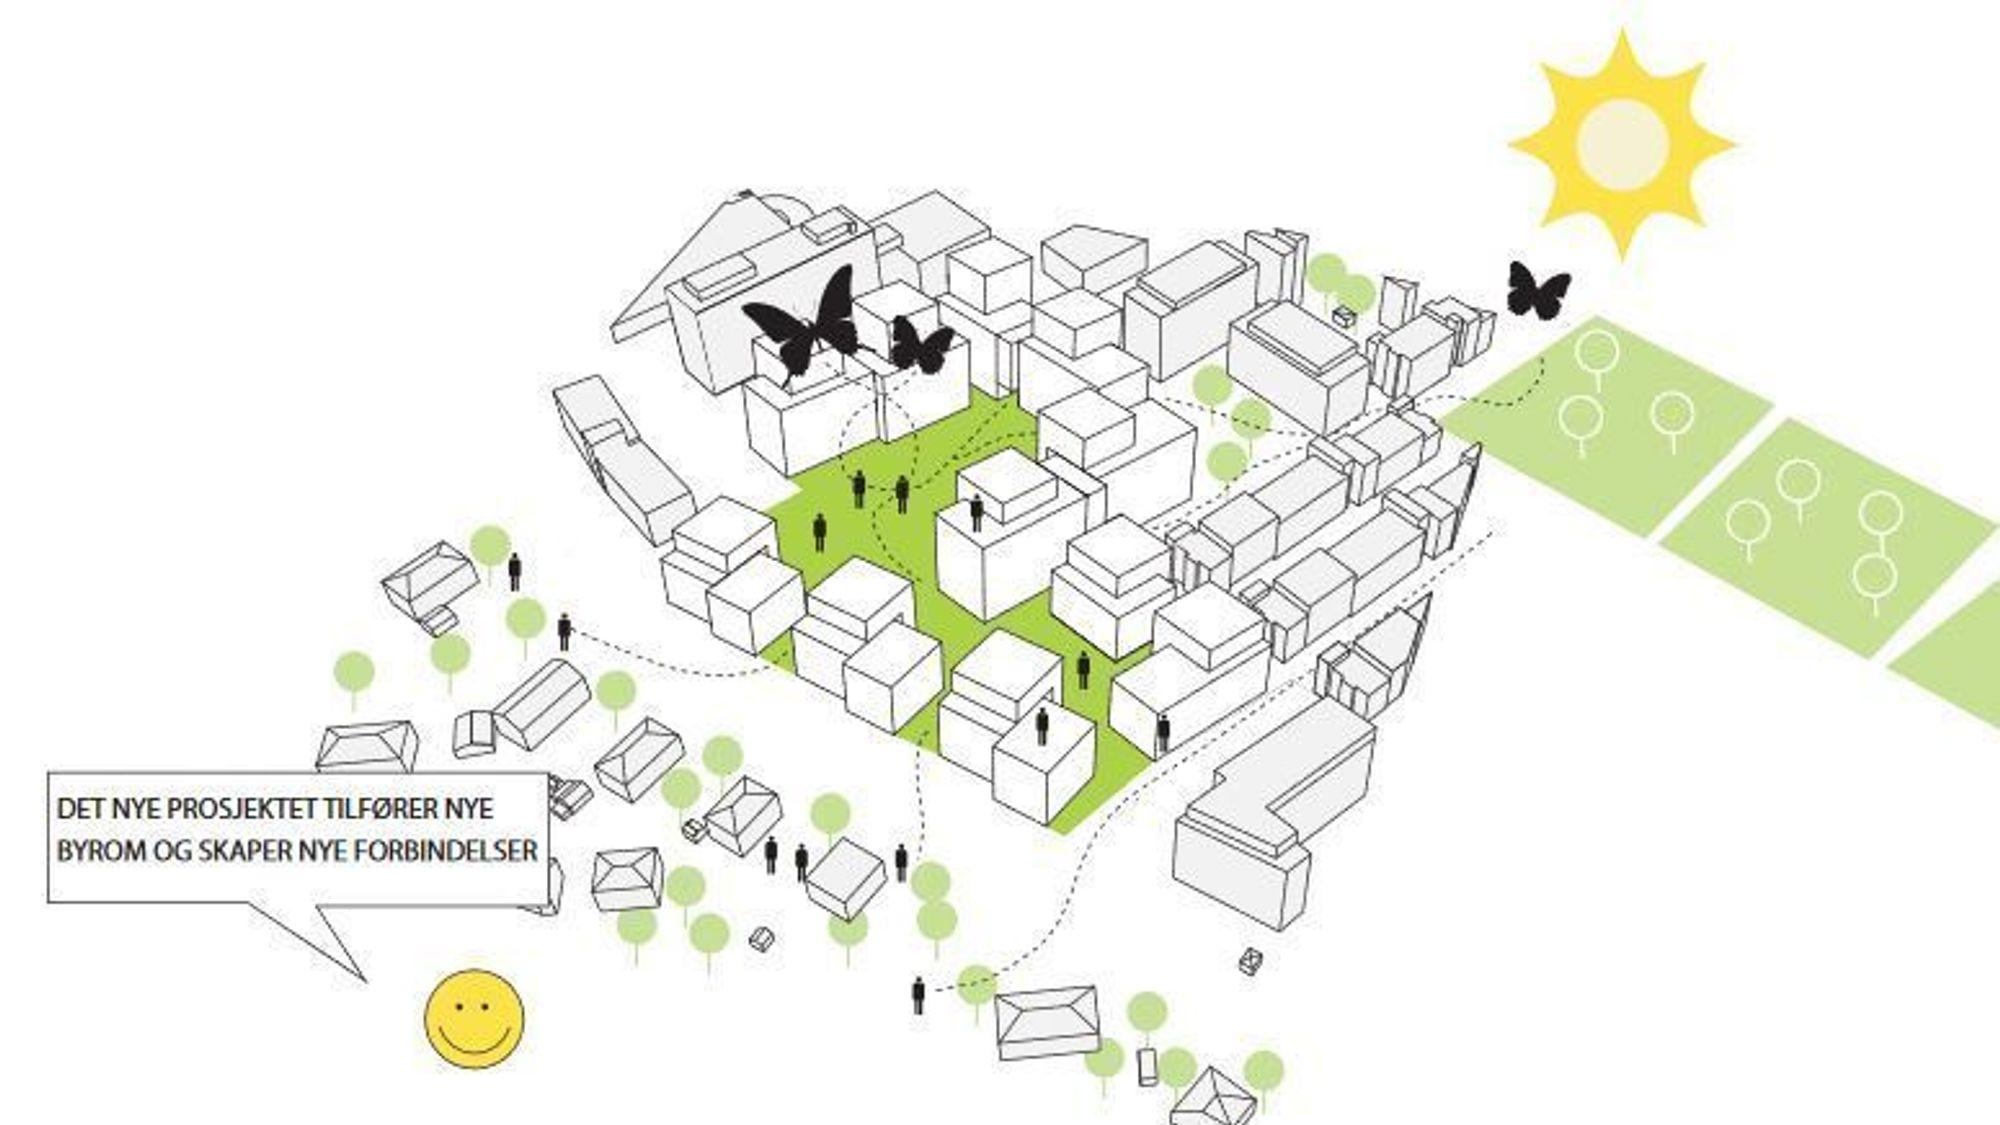 Illustrasjon fra Selvaag Byggs anmodning om oppstartsmøte for utbygging av Sinsenveien 45–49, sendt Plan- og bygningsetaten i Oslo i mai 2013. Saken er ennå ikke ferdig behandlet.